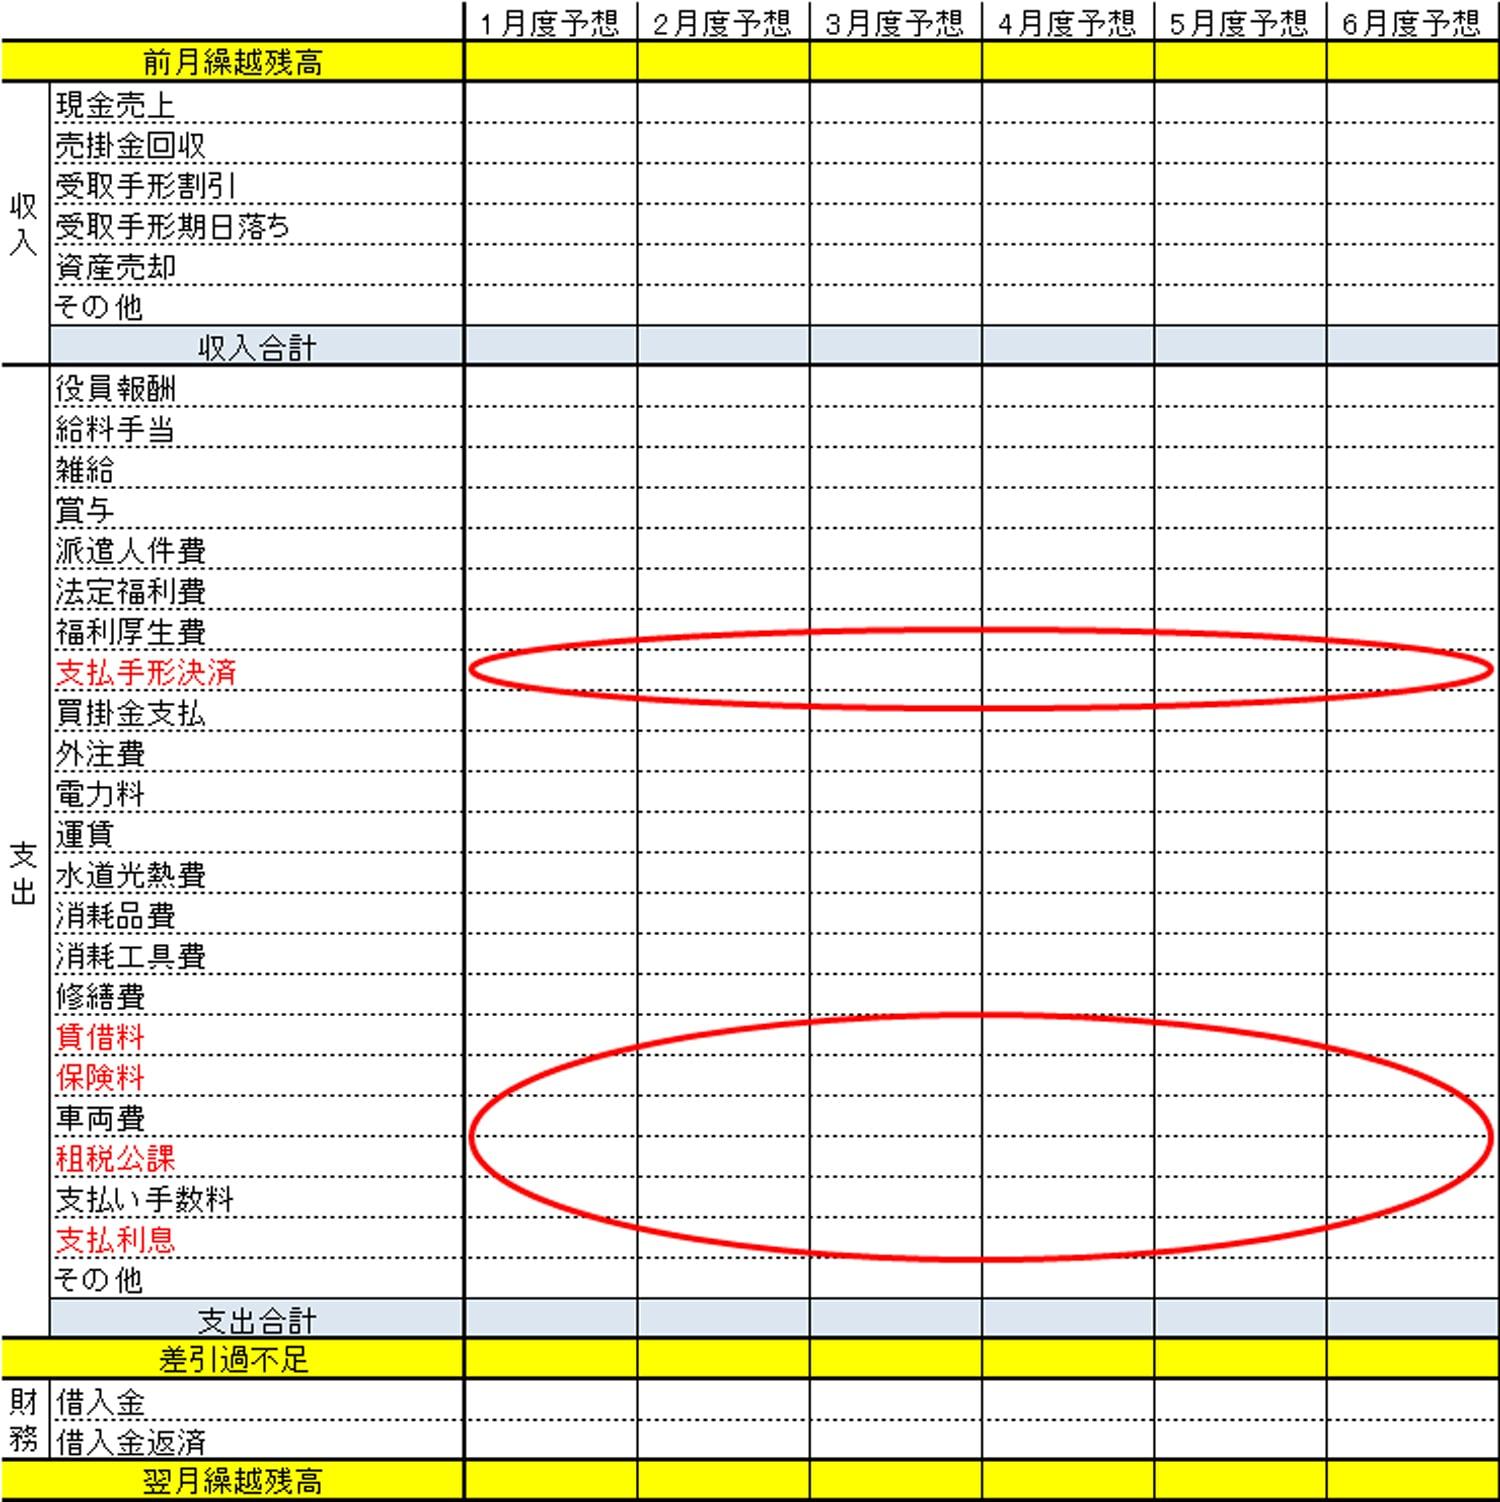 資金繰り表(月次)作成方法HOW TO - 資金繰り表サンプル無料ダウンロード